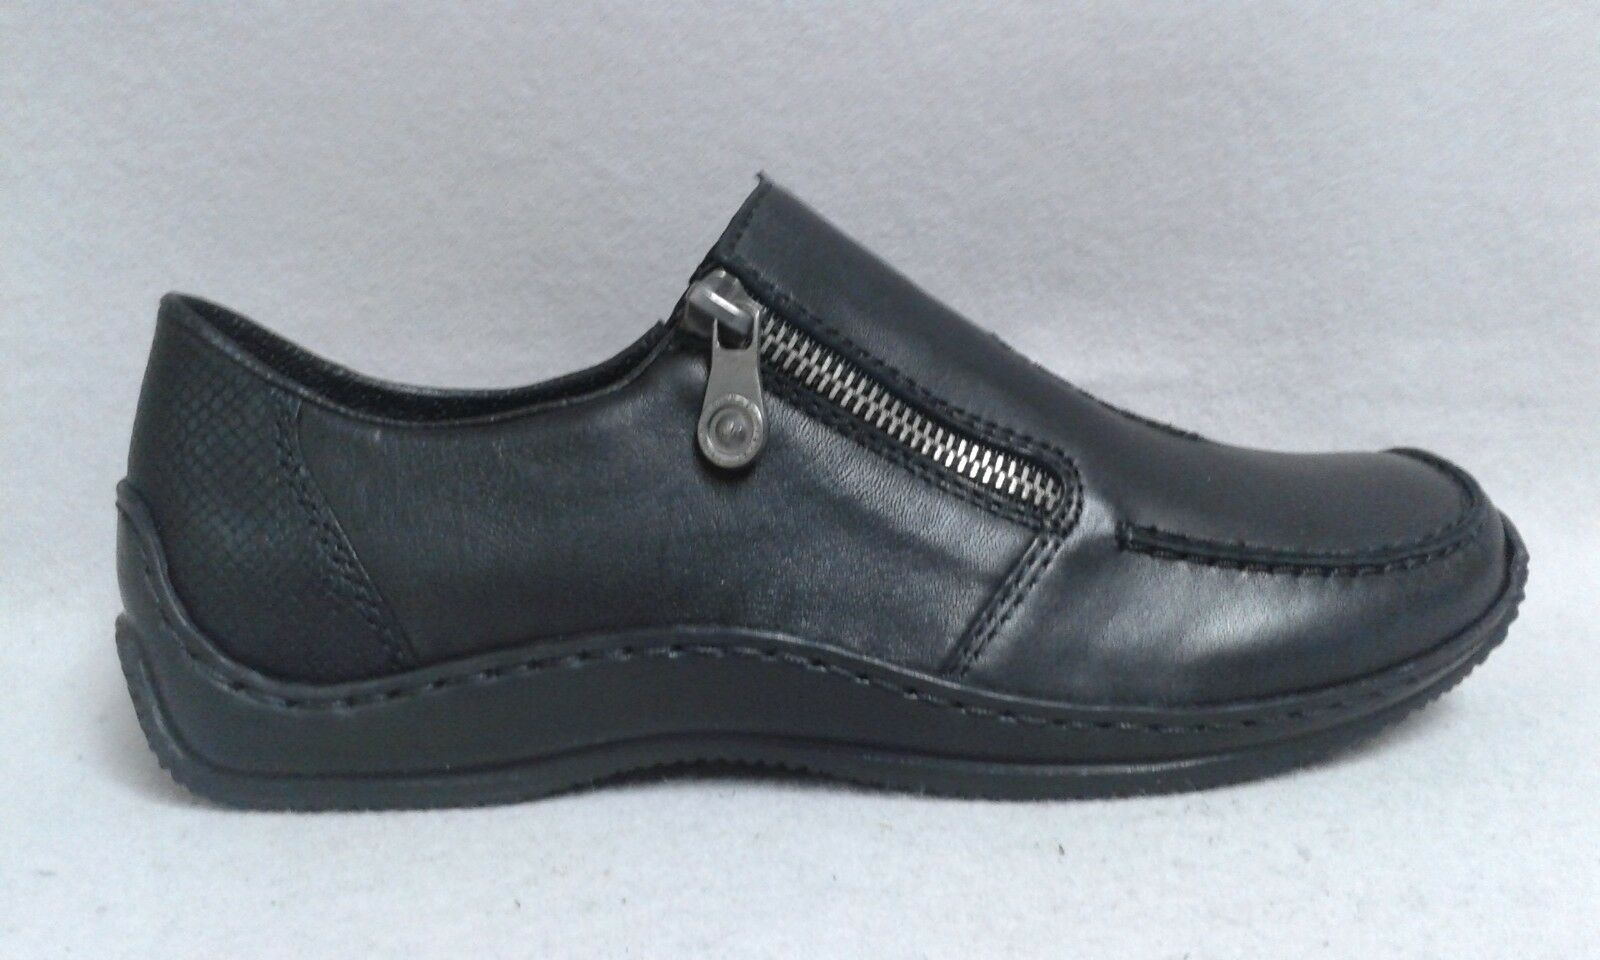 Rieker Slipper schwarz Reißverschluß Gummizug echt Leder weich gepolstert 0185 3